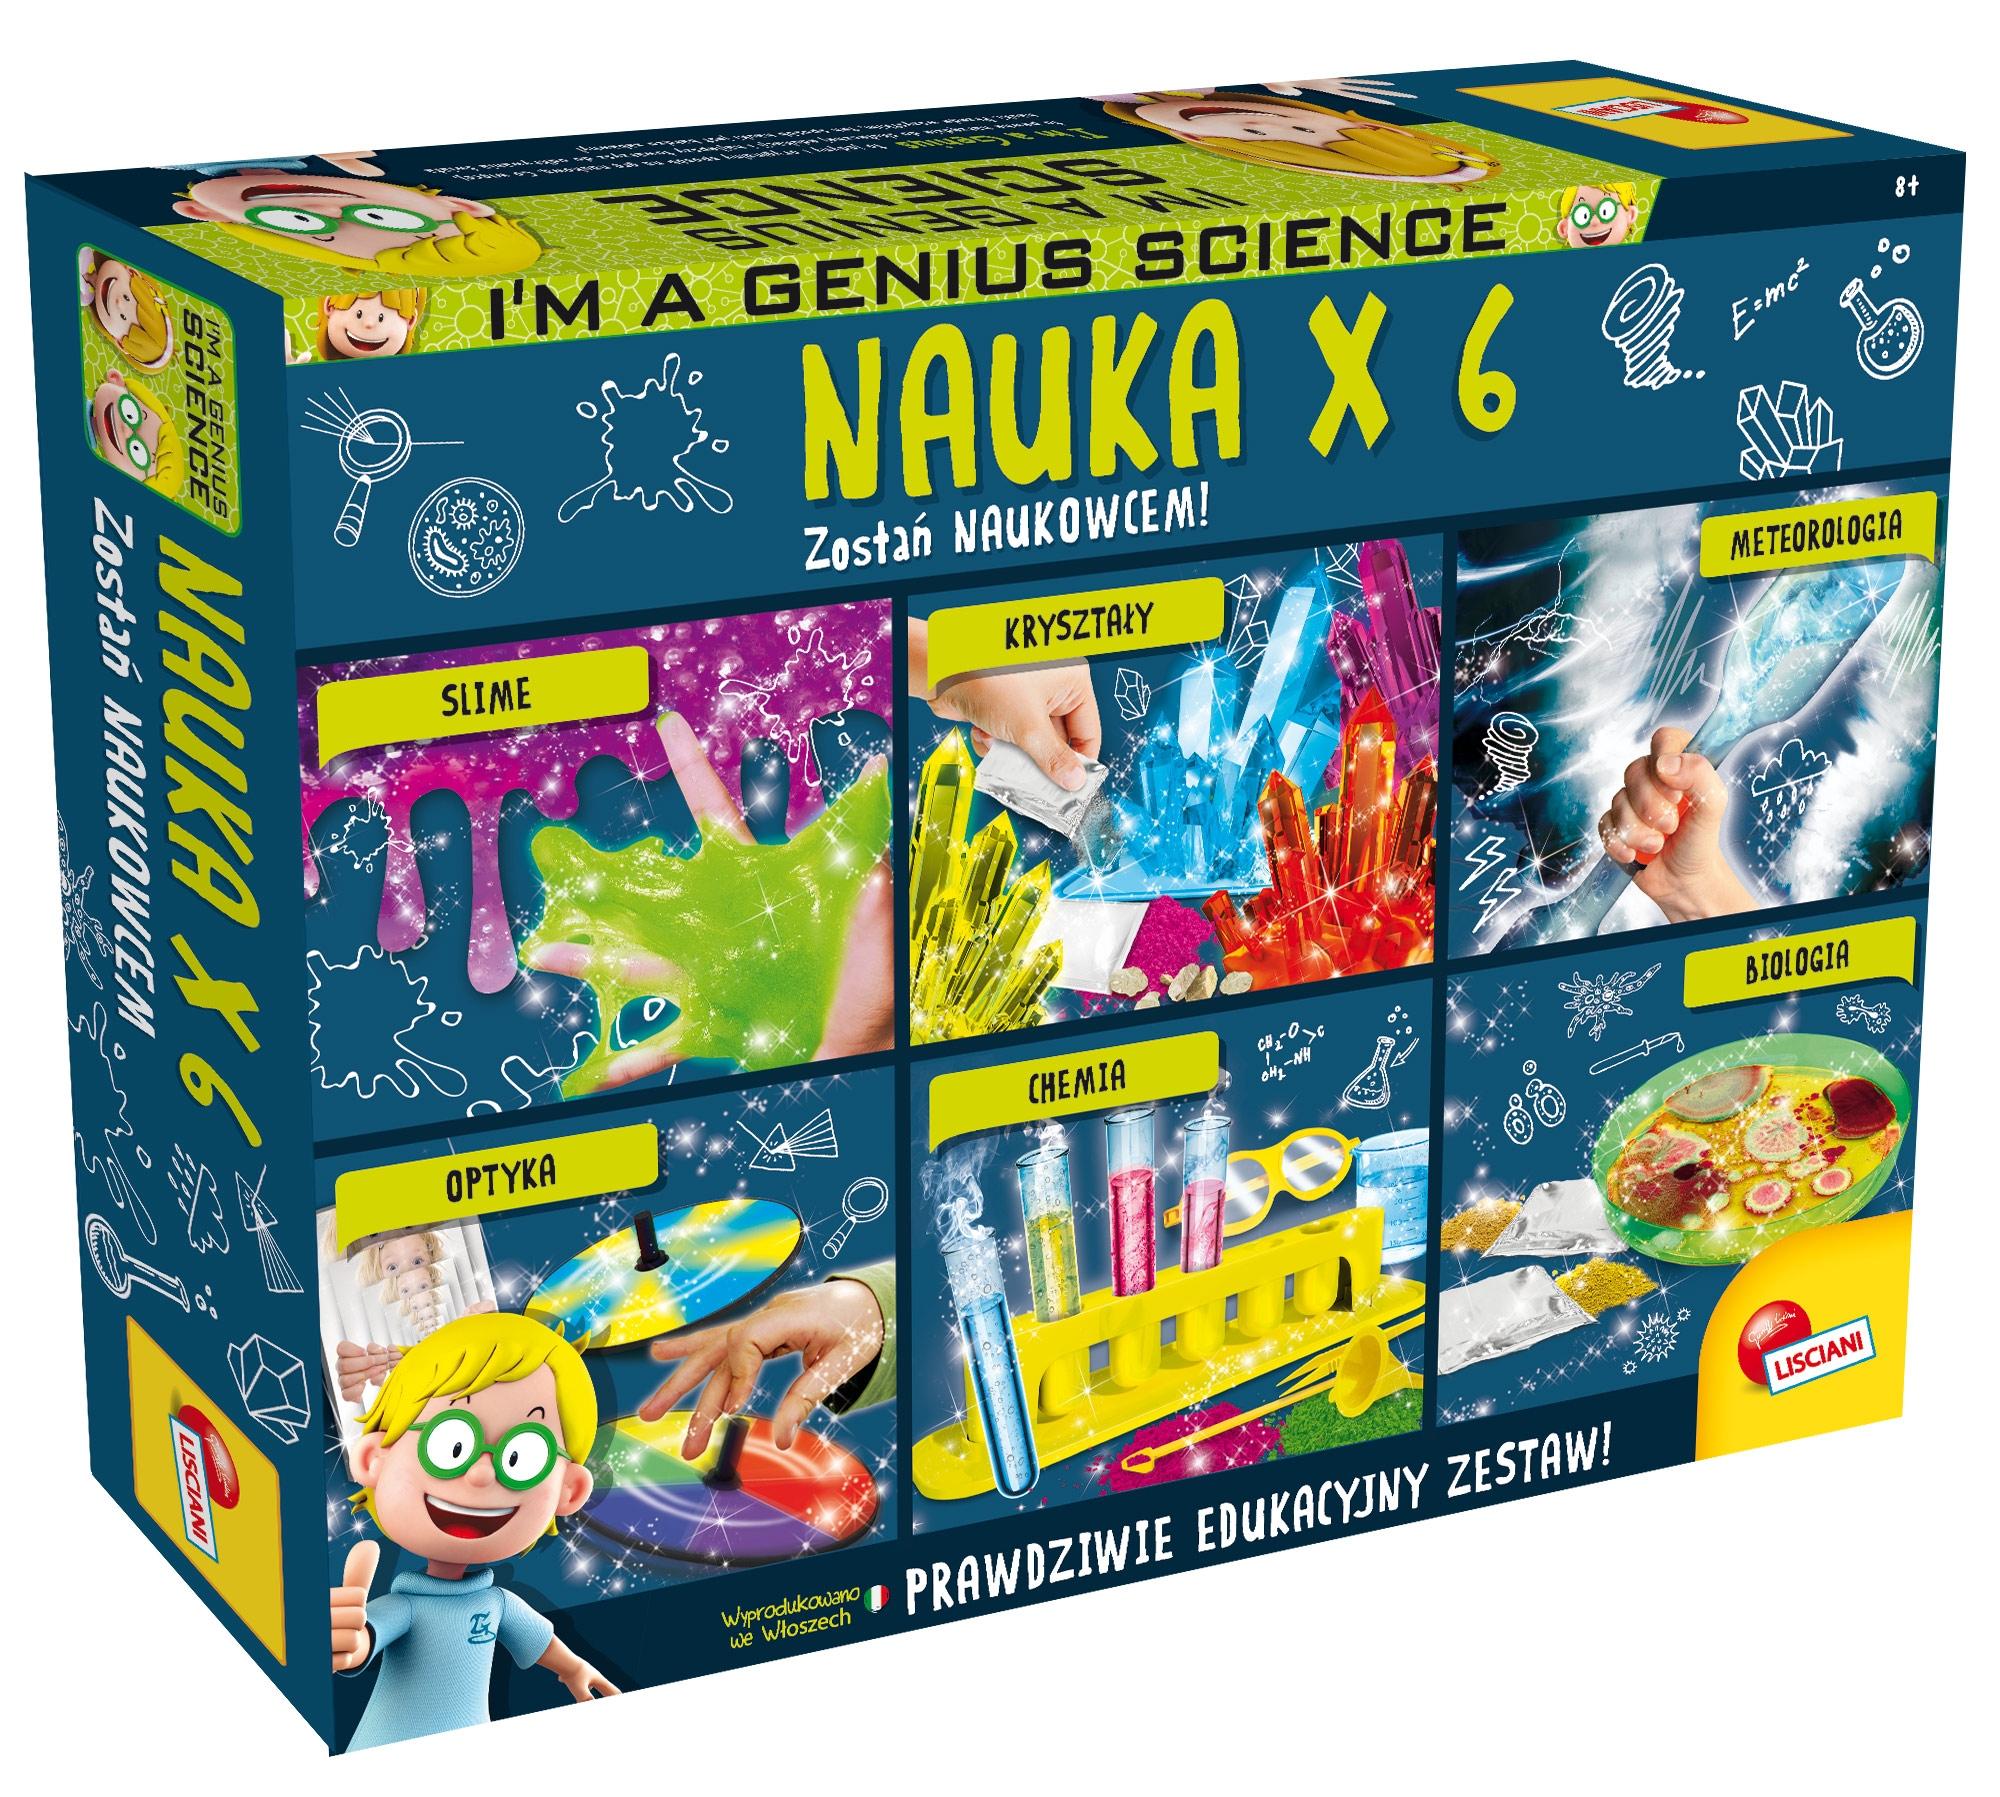 I'm a Genius: Nauka x6